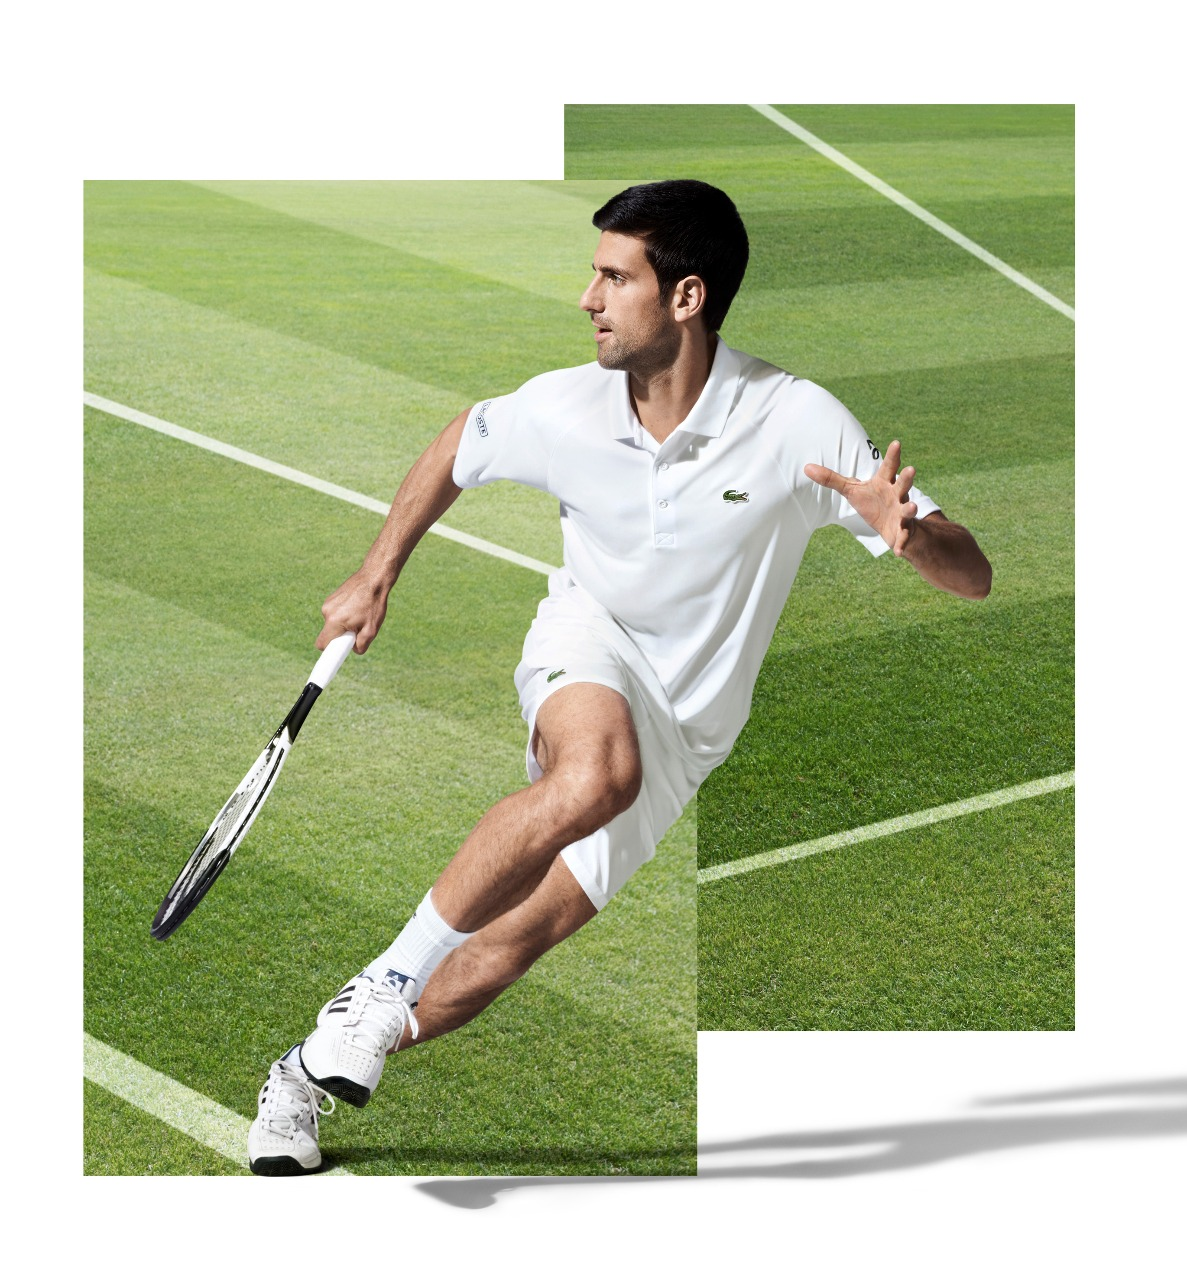 e319f78bd Conheça os novos uniformes de Novak Djokovic - UOL Esporte